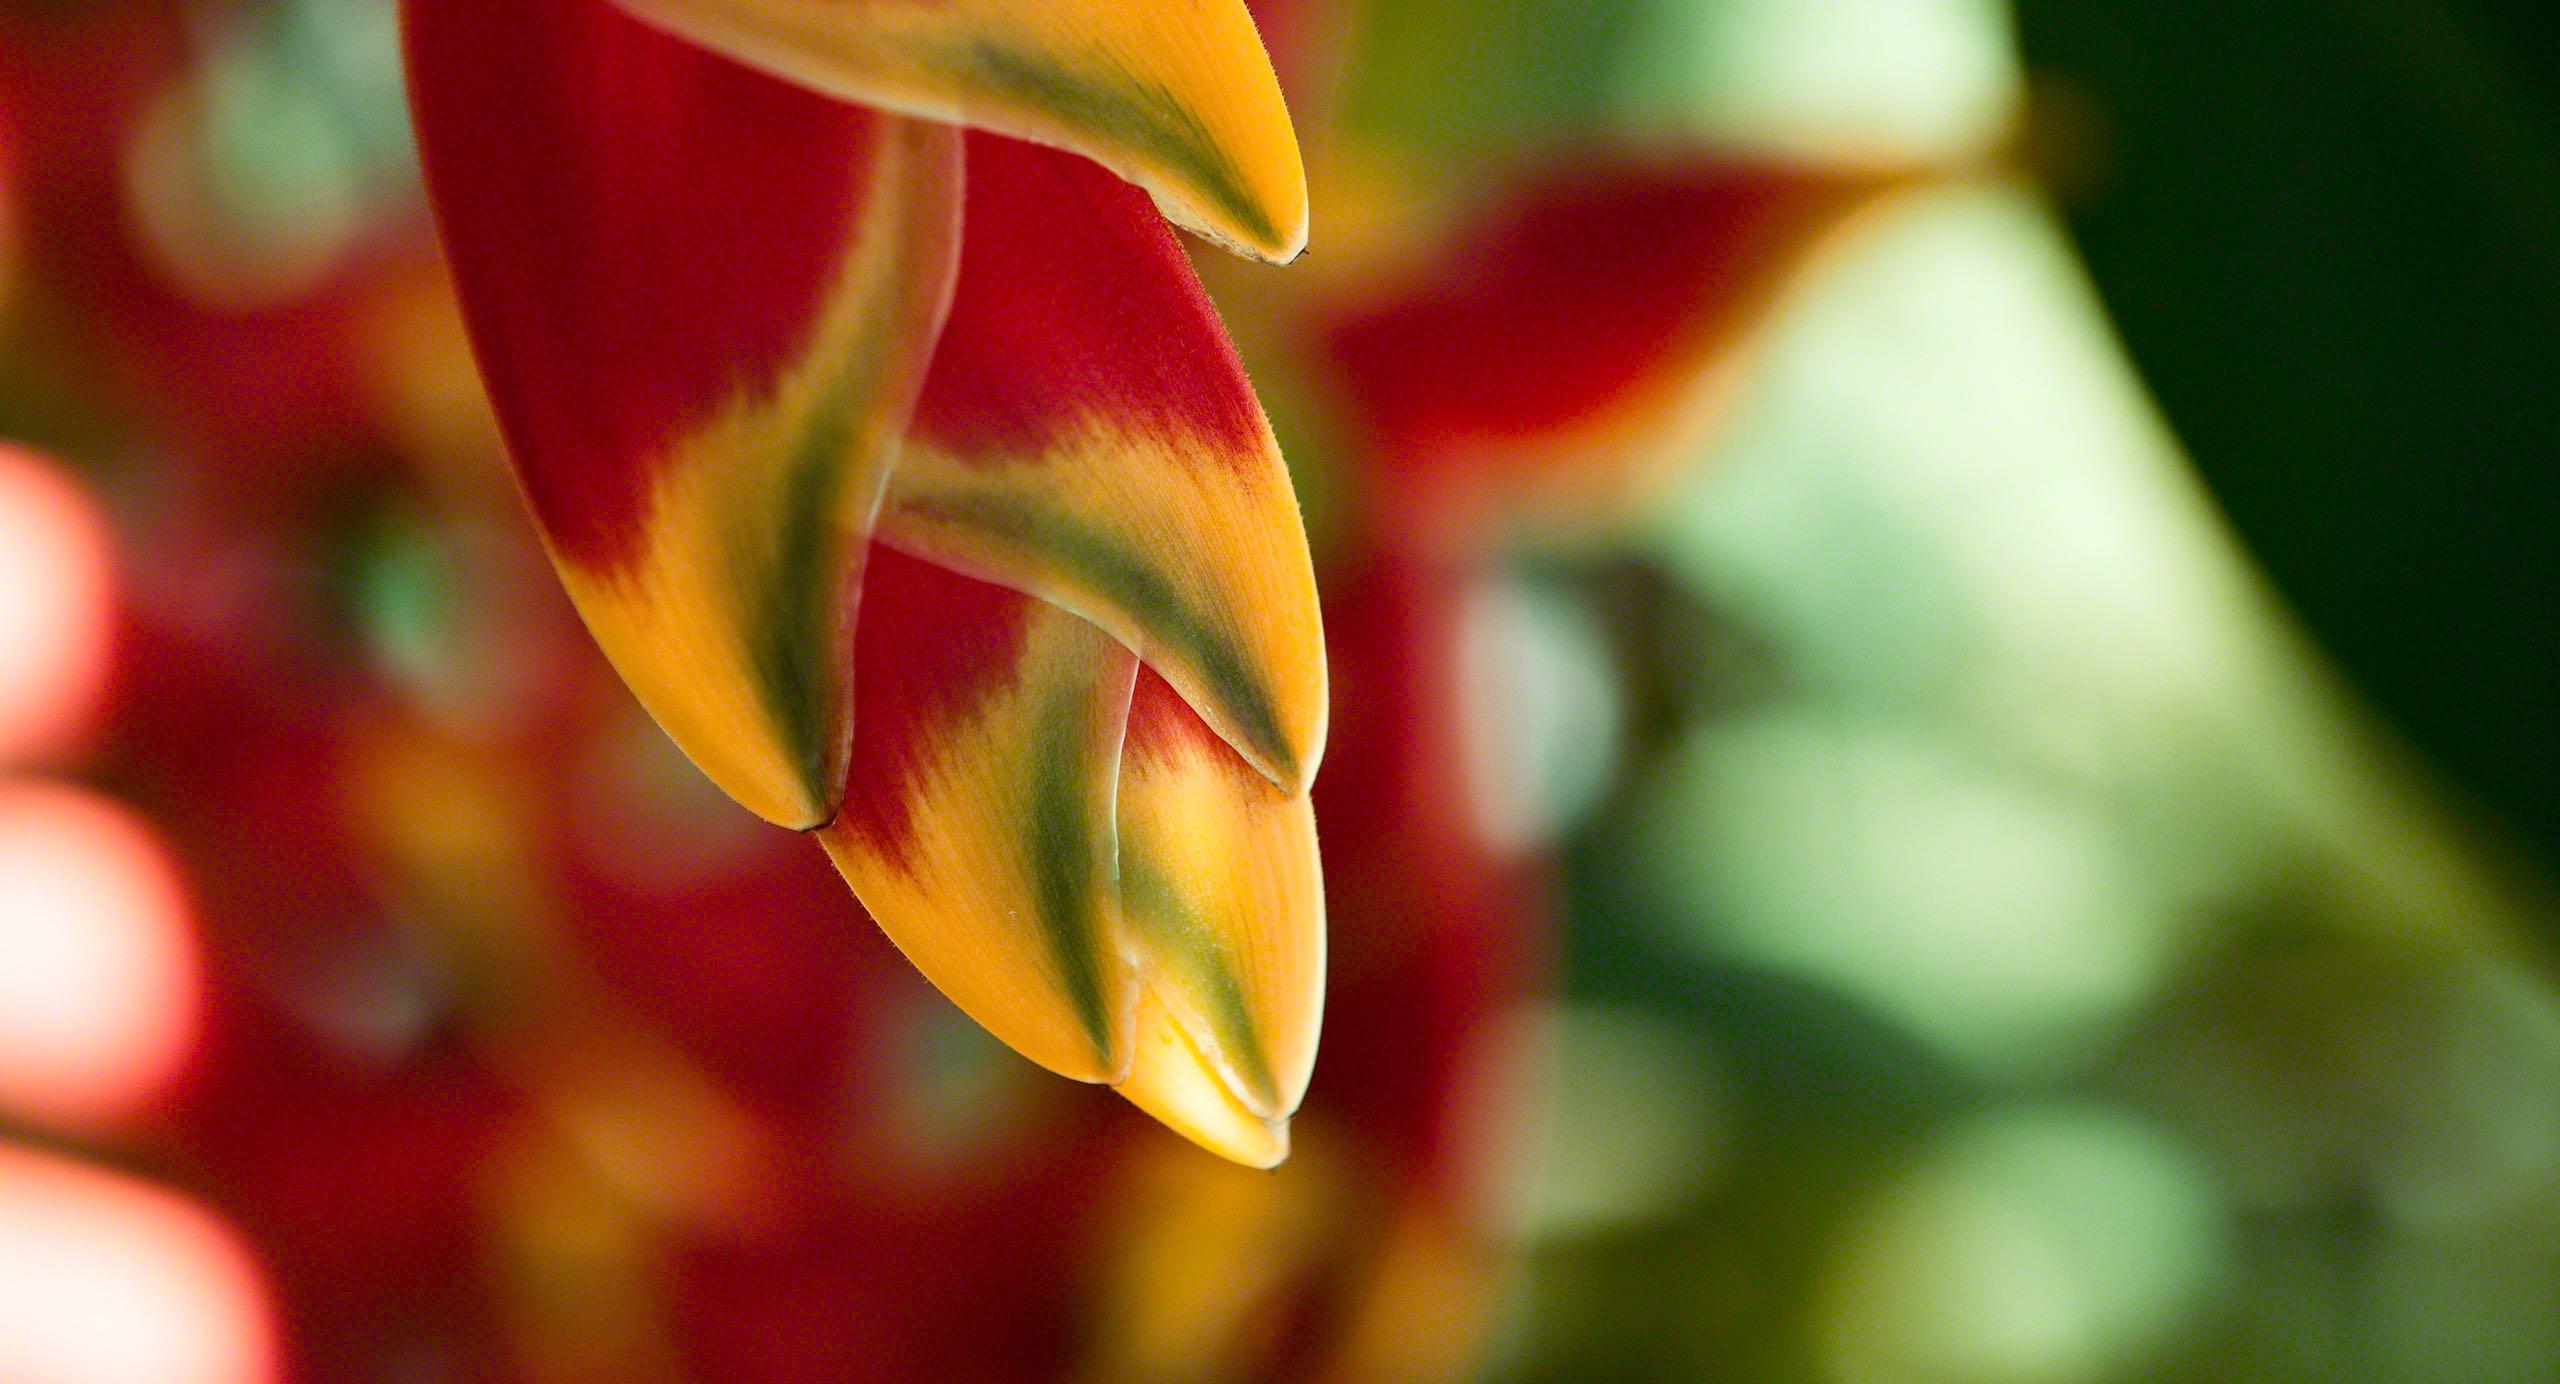 Die natürliche Farbenpracht im Inneren der Insel.